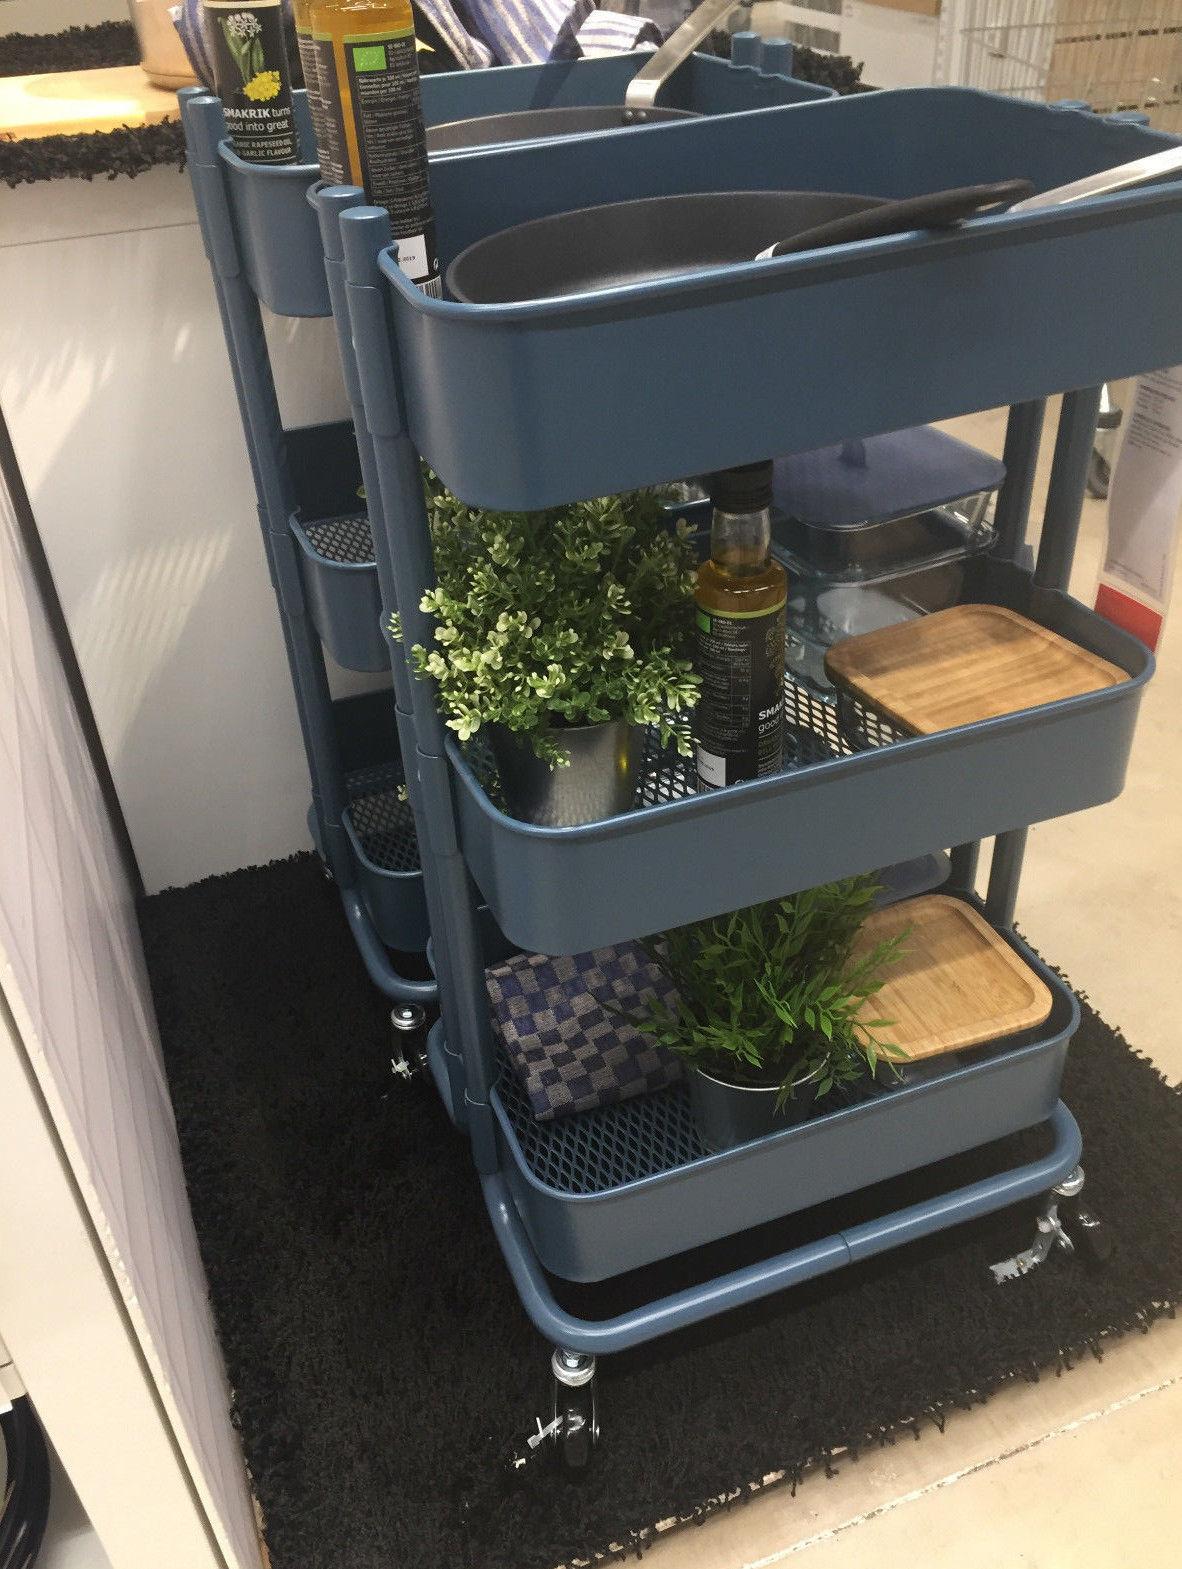 Full Size of Servierwagen Küche Ikea Beistellwagen Mehr Als 200 Angebote Fliesenspiegel Glas Kräutergarten Gardinen Für Die Ebay Industrielook Kleiner Tisch Werkbank Wohnzimmer Servierwagen Küche Ikea